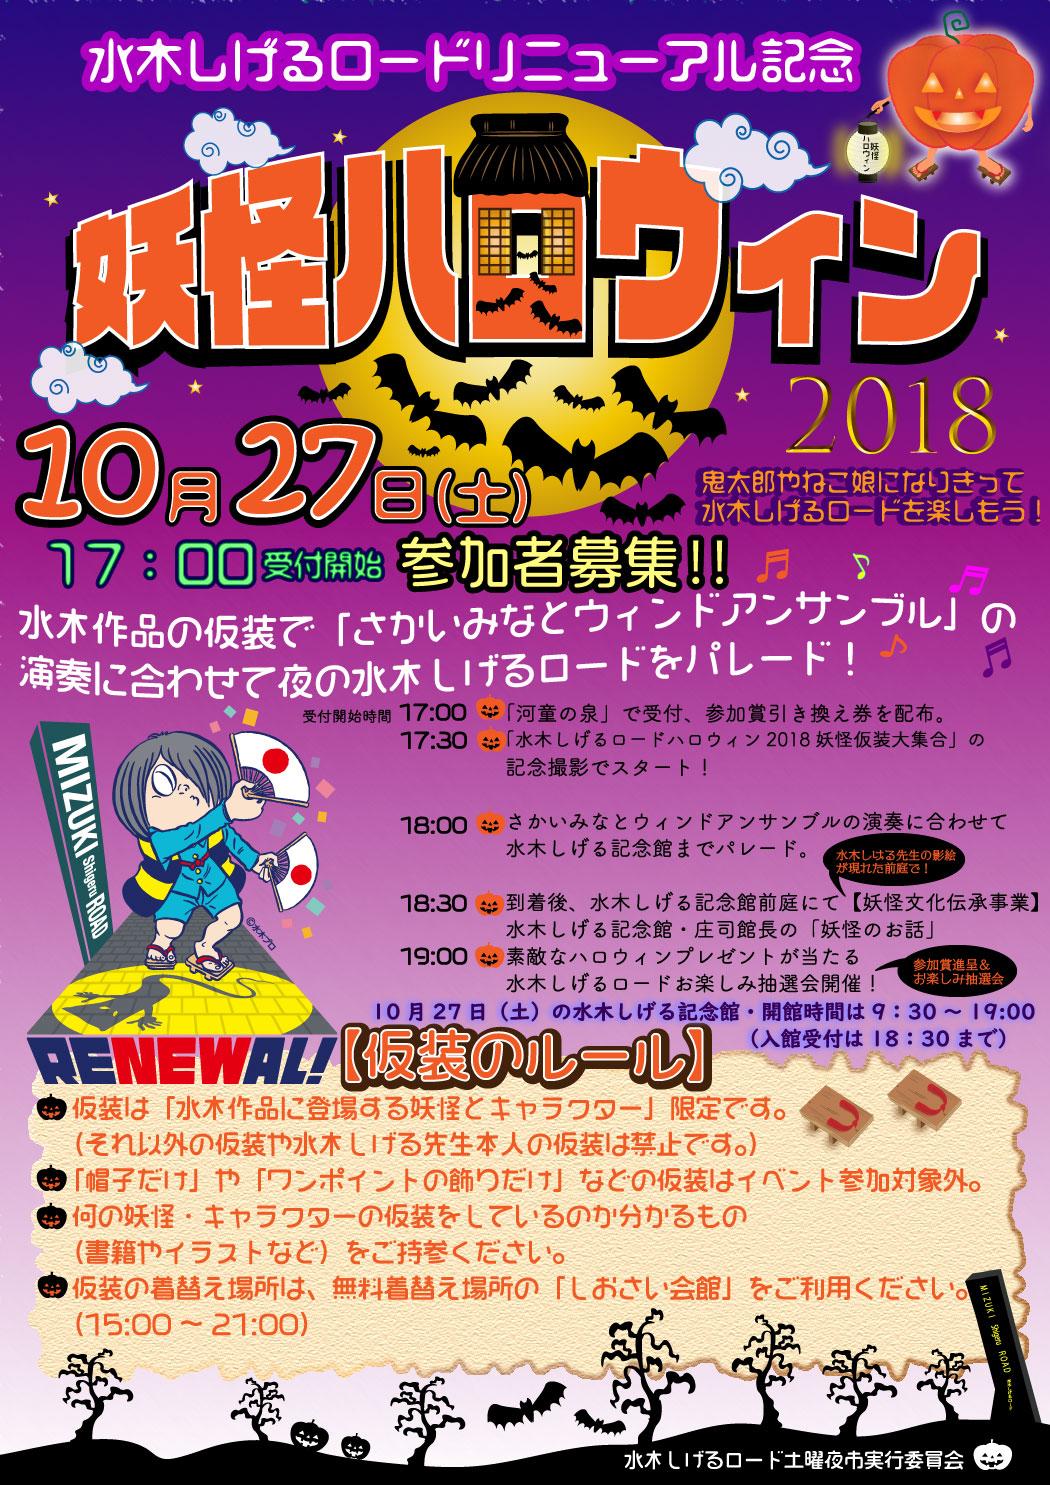 鬼太郎やねこ娘の仮装でパレード! 鳥取県境港市の水木しげるロードでハロウィンイベントが開催